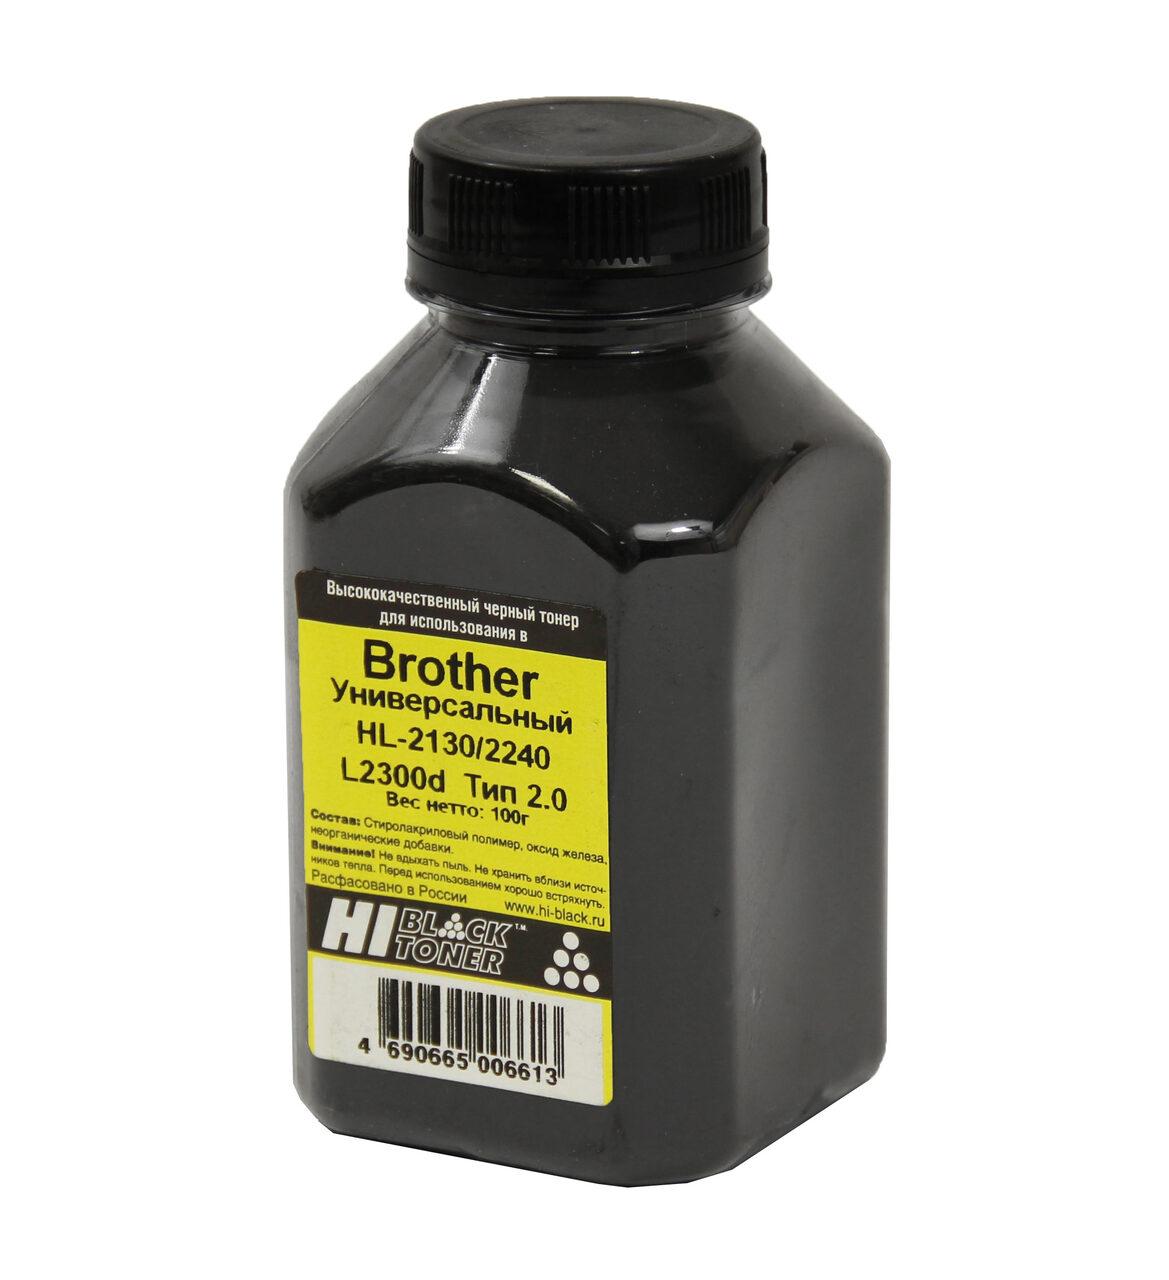 Тонер Hi-Black Универсальный для BrotherHL-2130/2240/L2300d, Тип 2.0, Bk, 100 г, банка